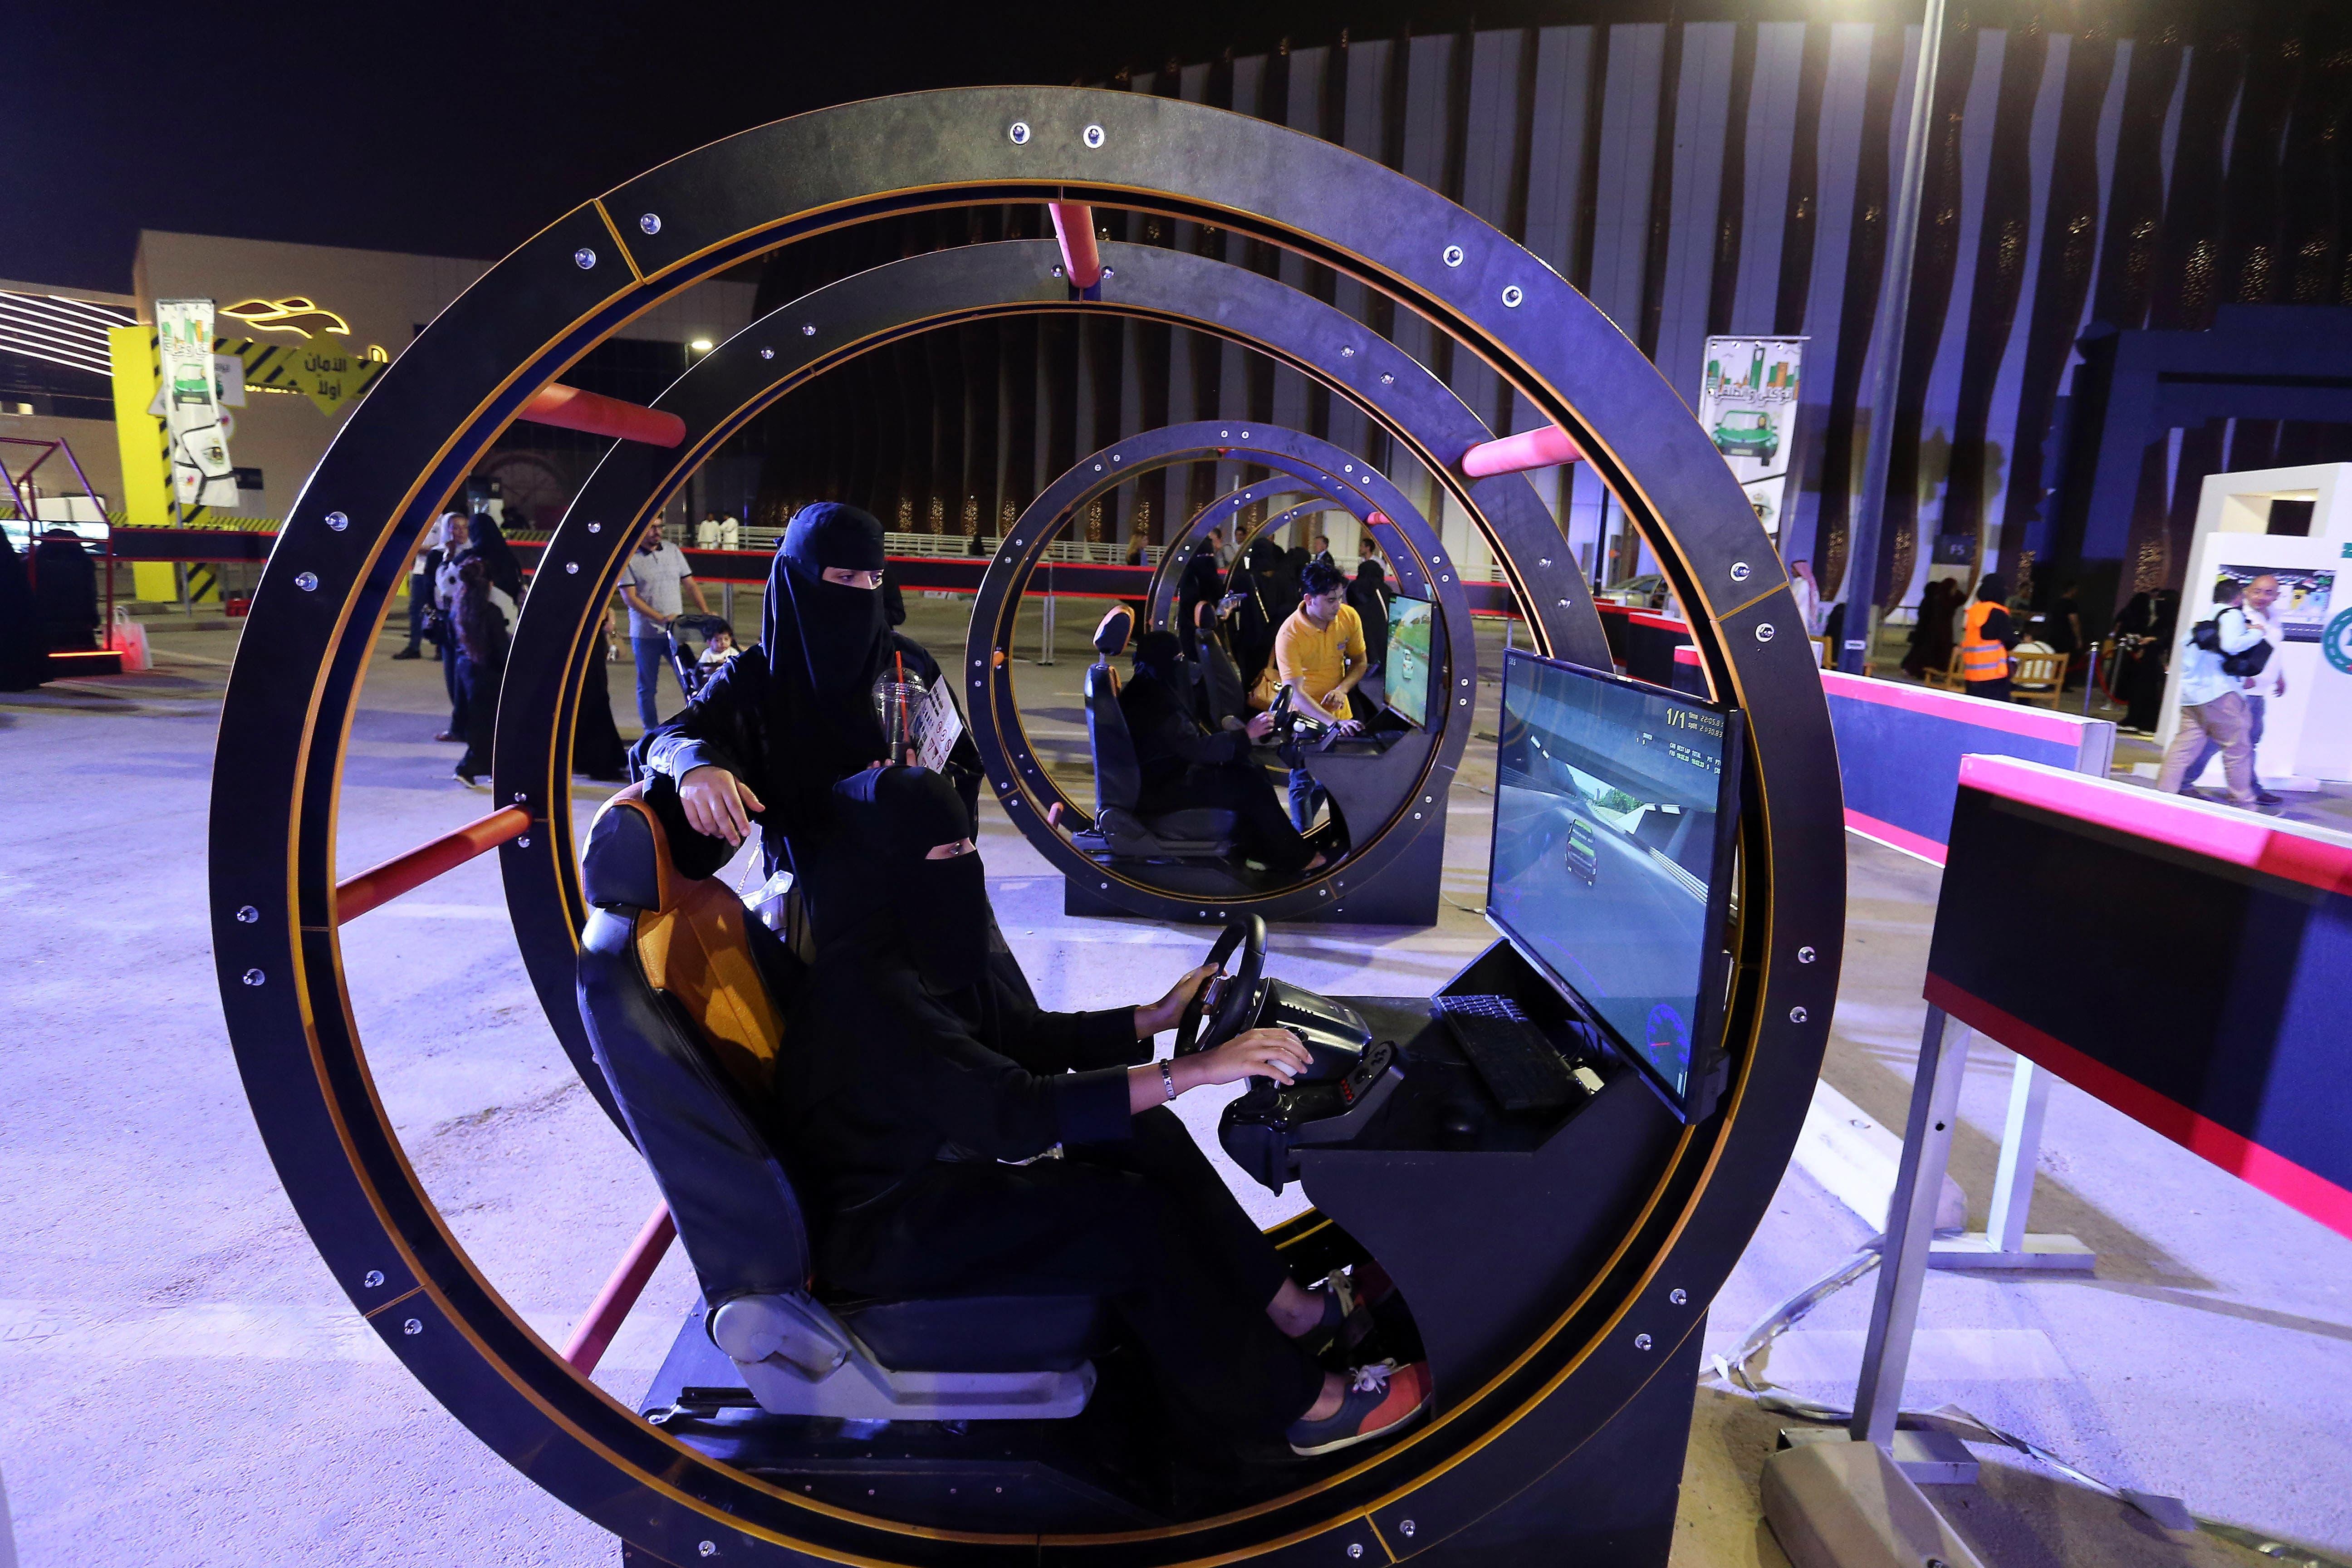 Arabische Frauen bereiten sich auf die Abschaffung des Fahrverbots vor, indem sie an Fahrsimulatoren üben. Bild: Ahmed Yosri/EPA (Riyadh, 21. Juni 2018)